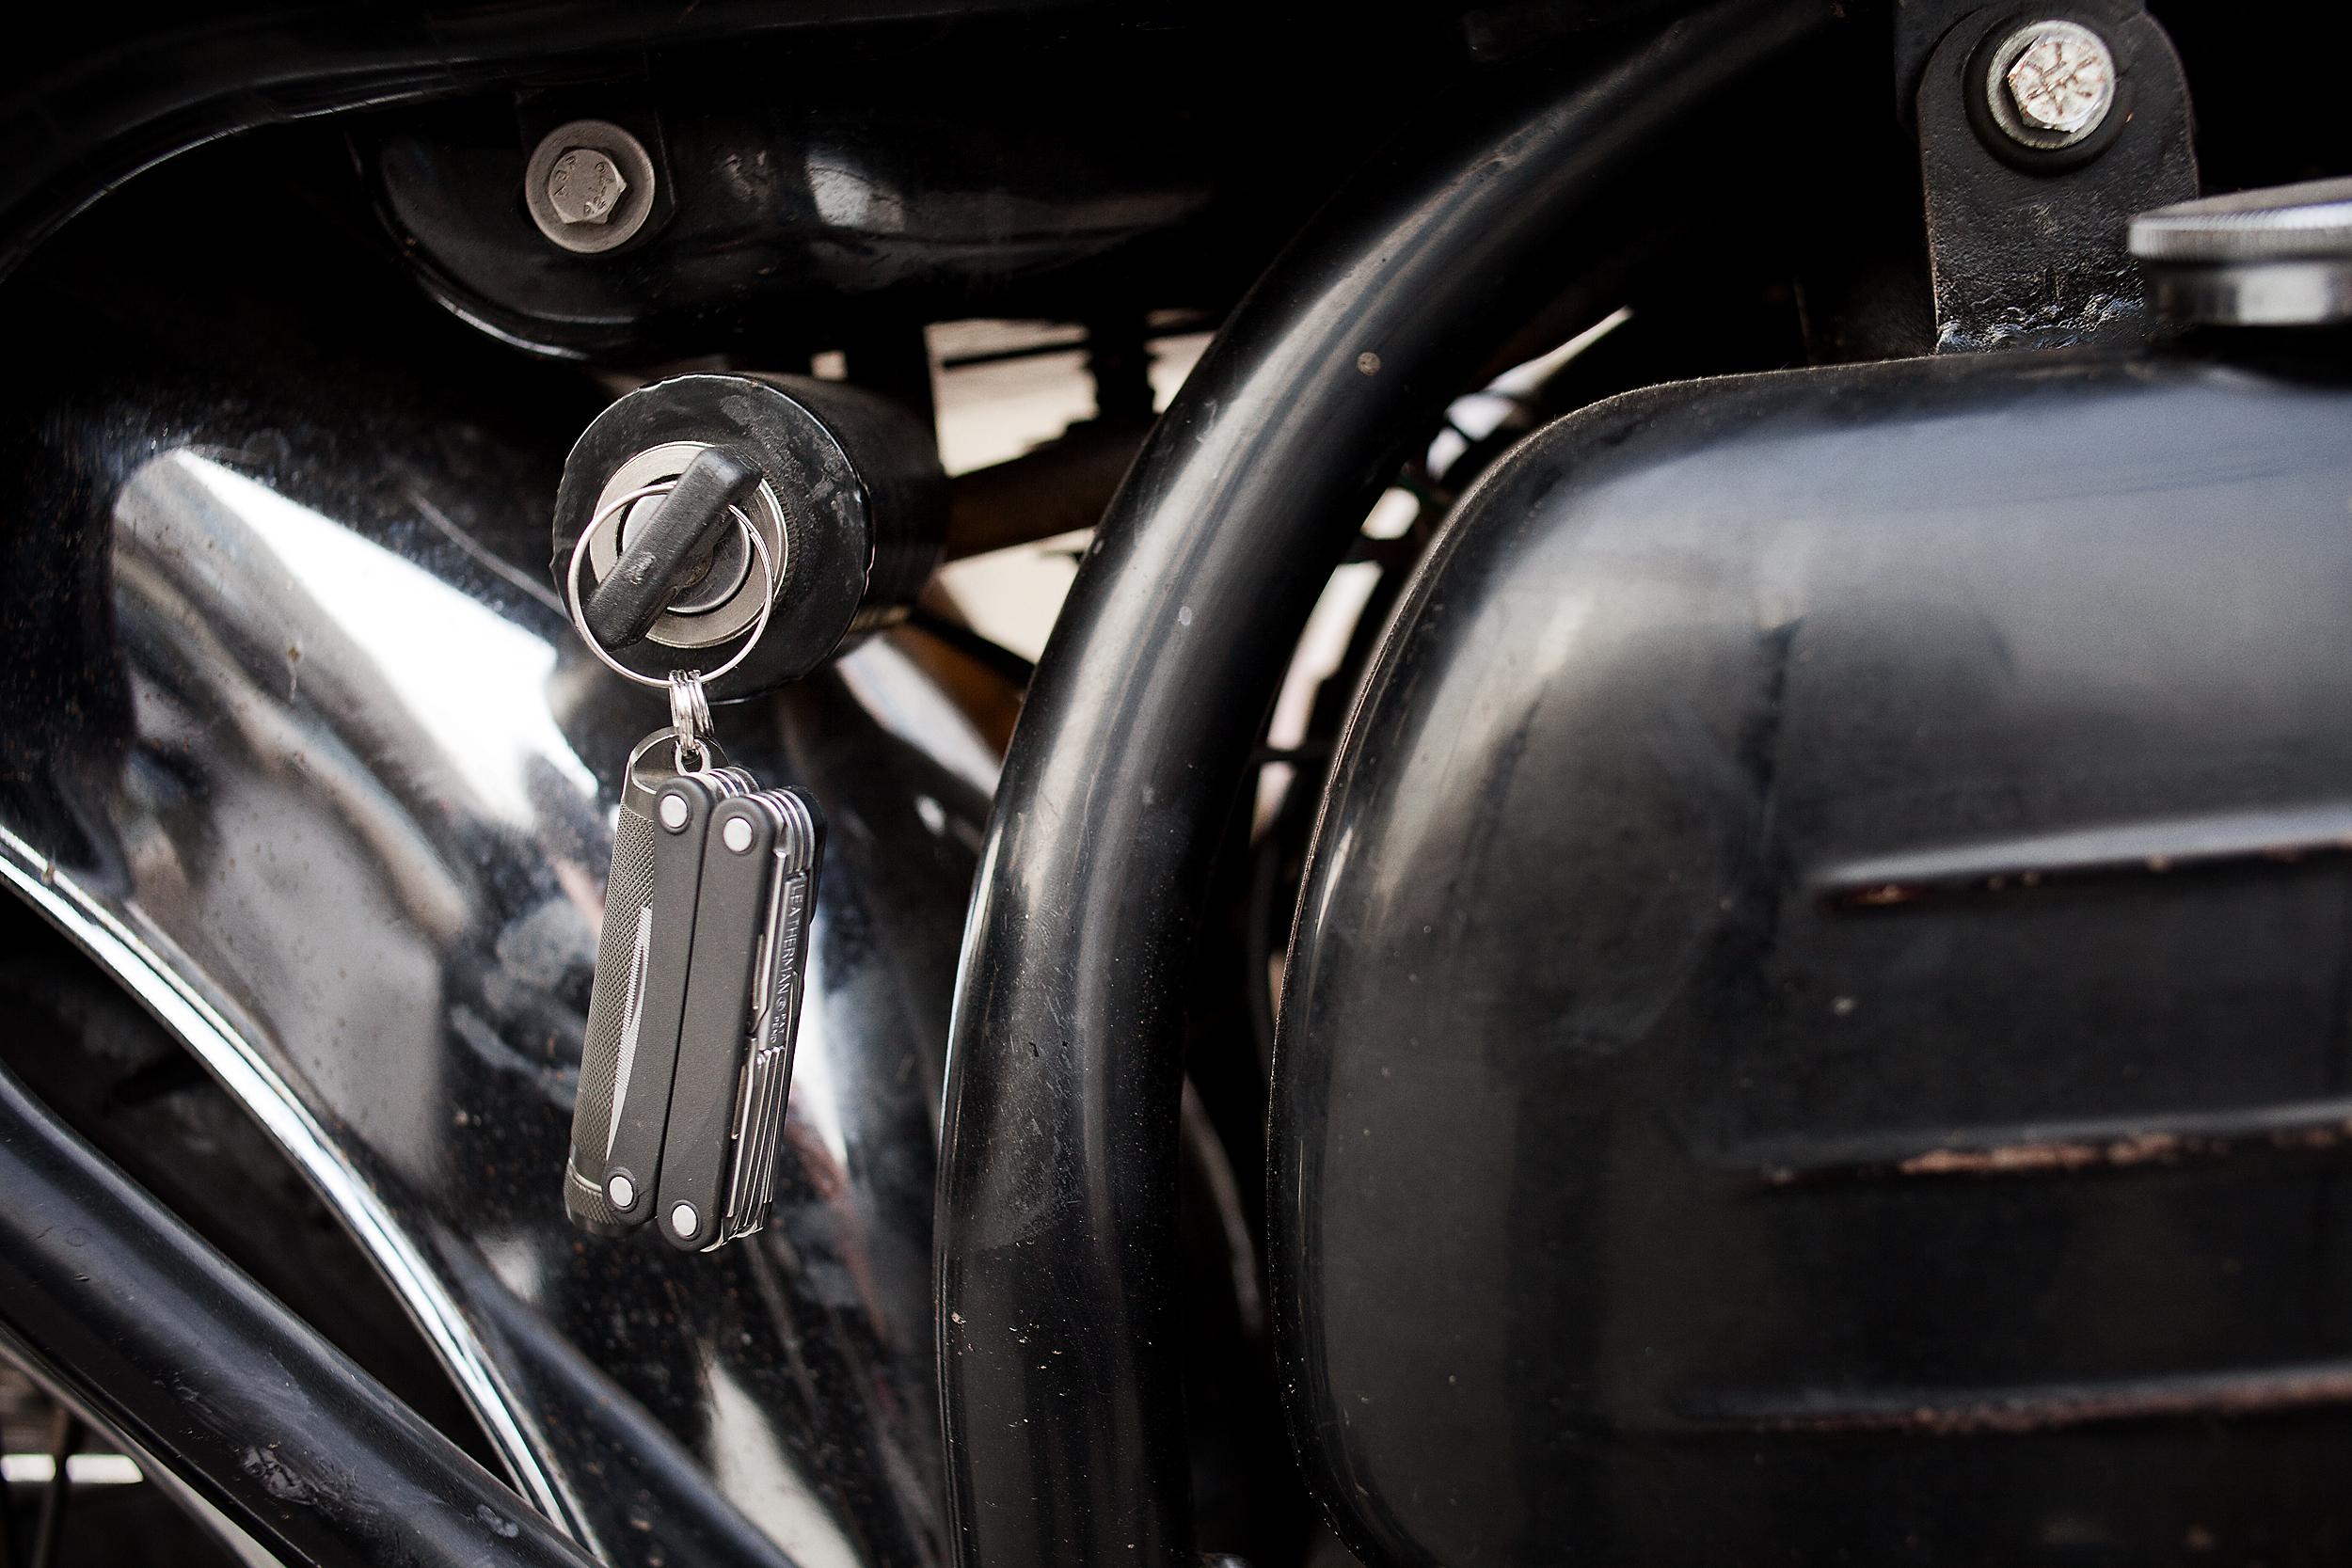 1966 Norton Atlas Key